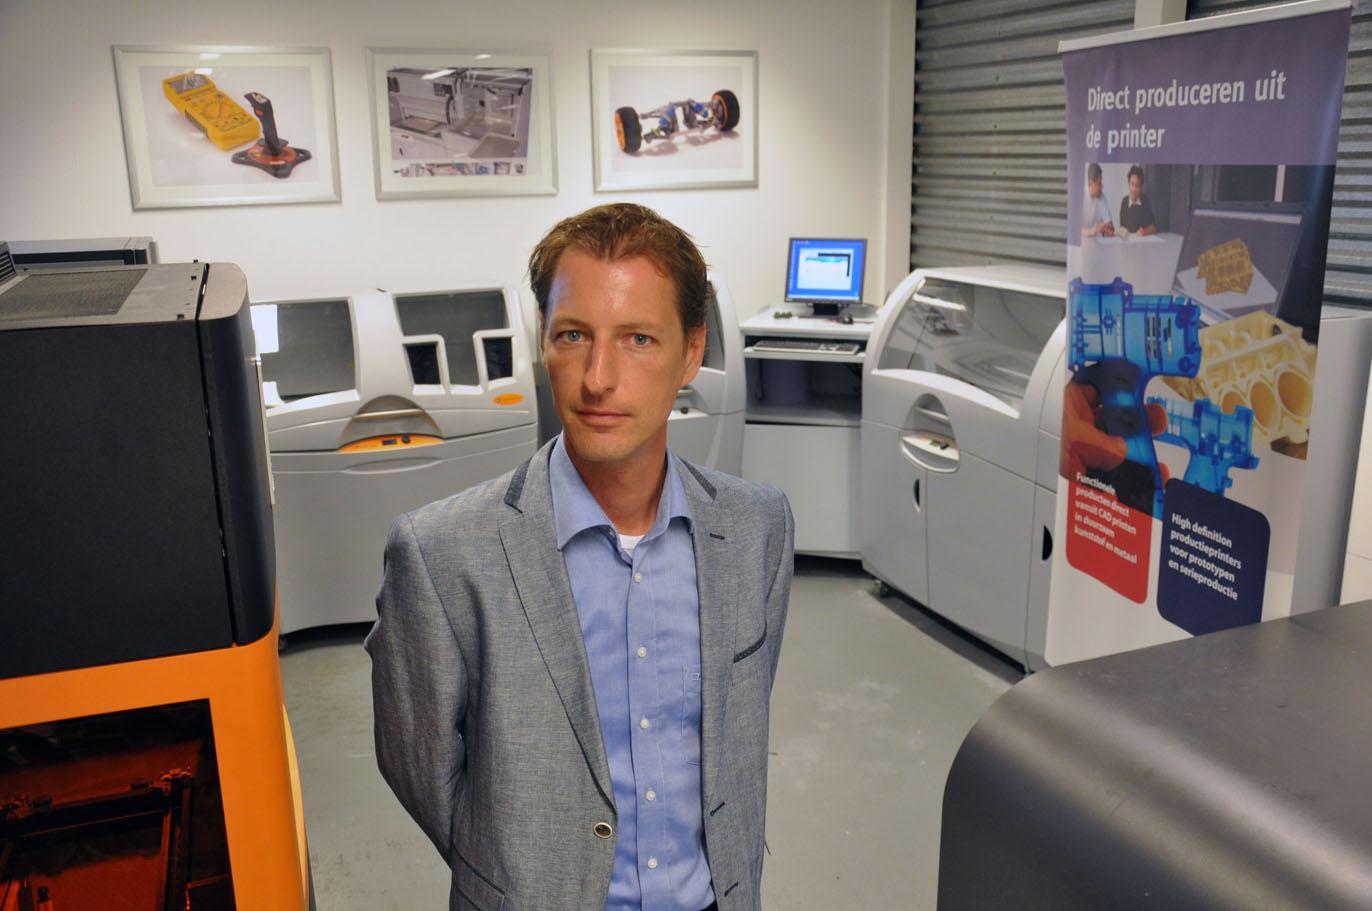 Landré ziet 3D printen als onderdeel productie-omgeving